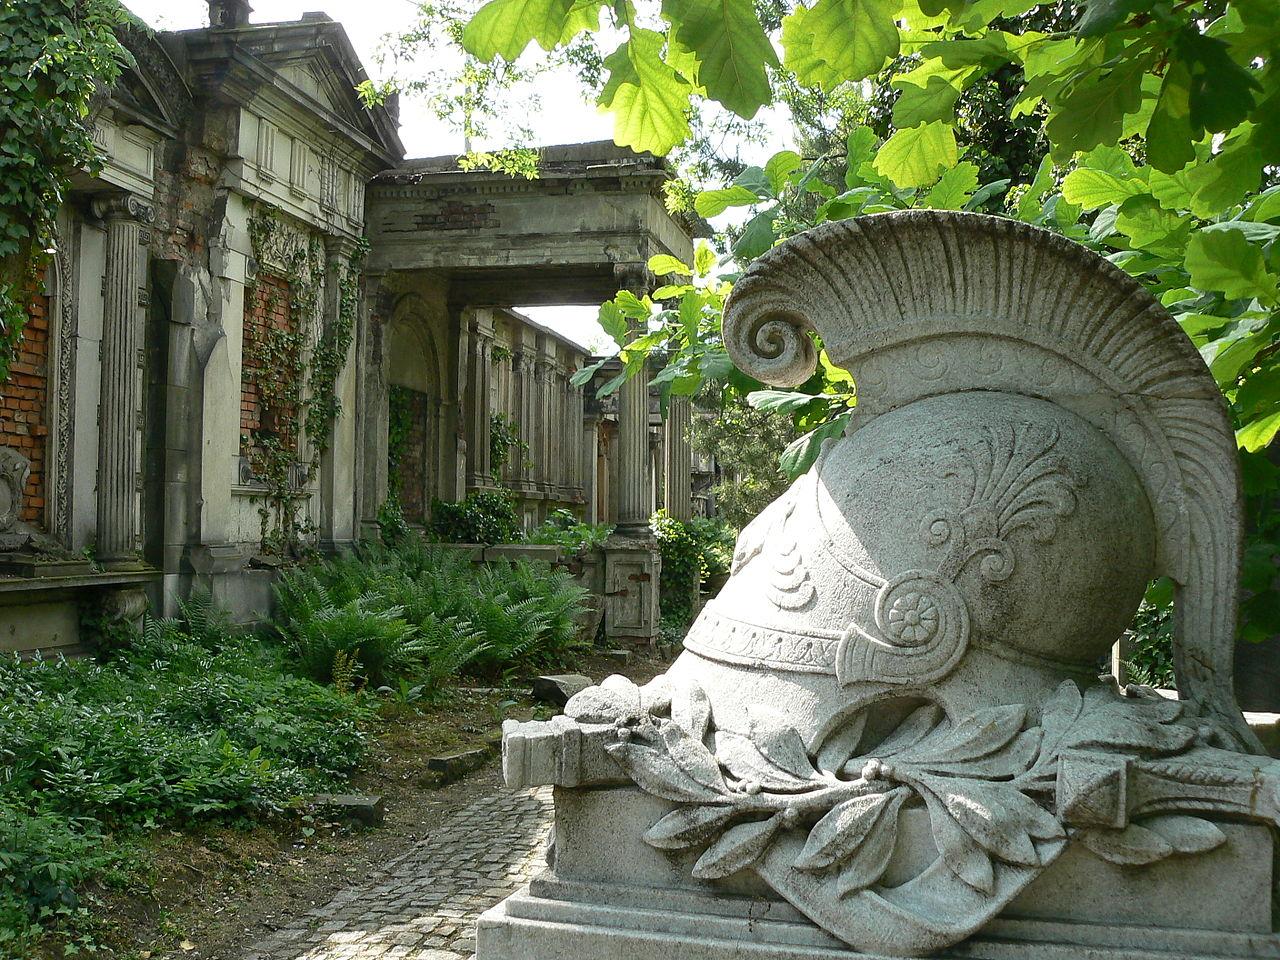 Zdjęcie ze starego cmentarza żydowskiego we Wrocławiu. Na pierwszym planie rzeźba nagrobna w kształcie hełmu starożytnego greckiego żołnierza. W tle grobowce rodzinne - klasycystyczne budynki z kolumnami.